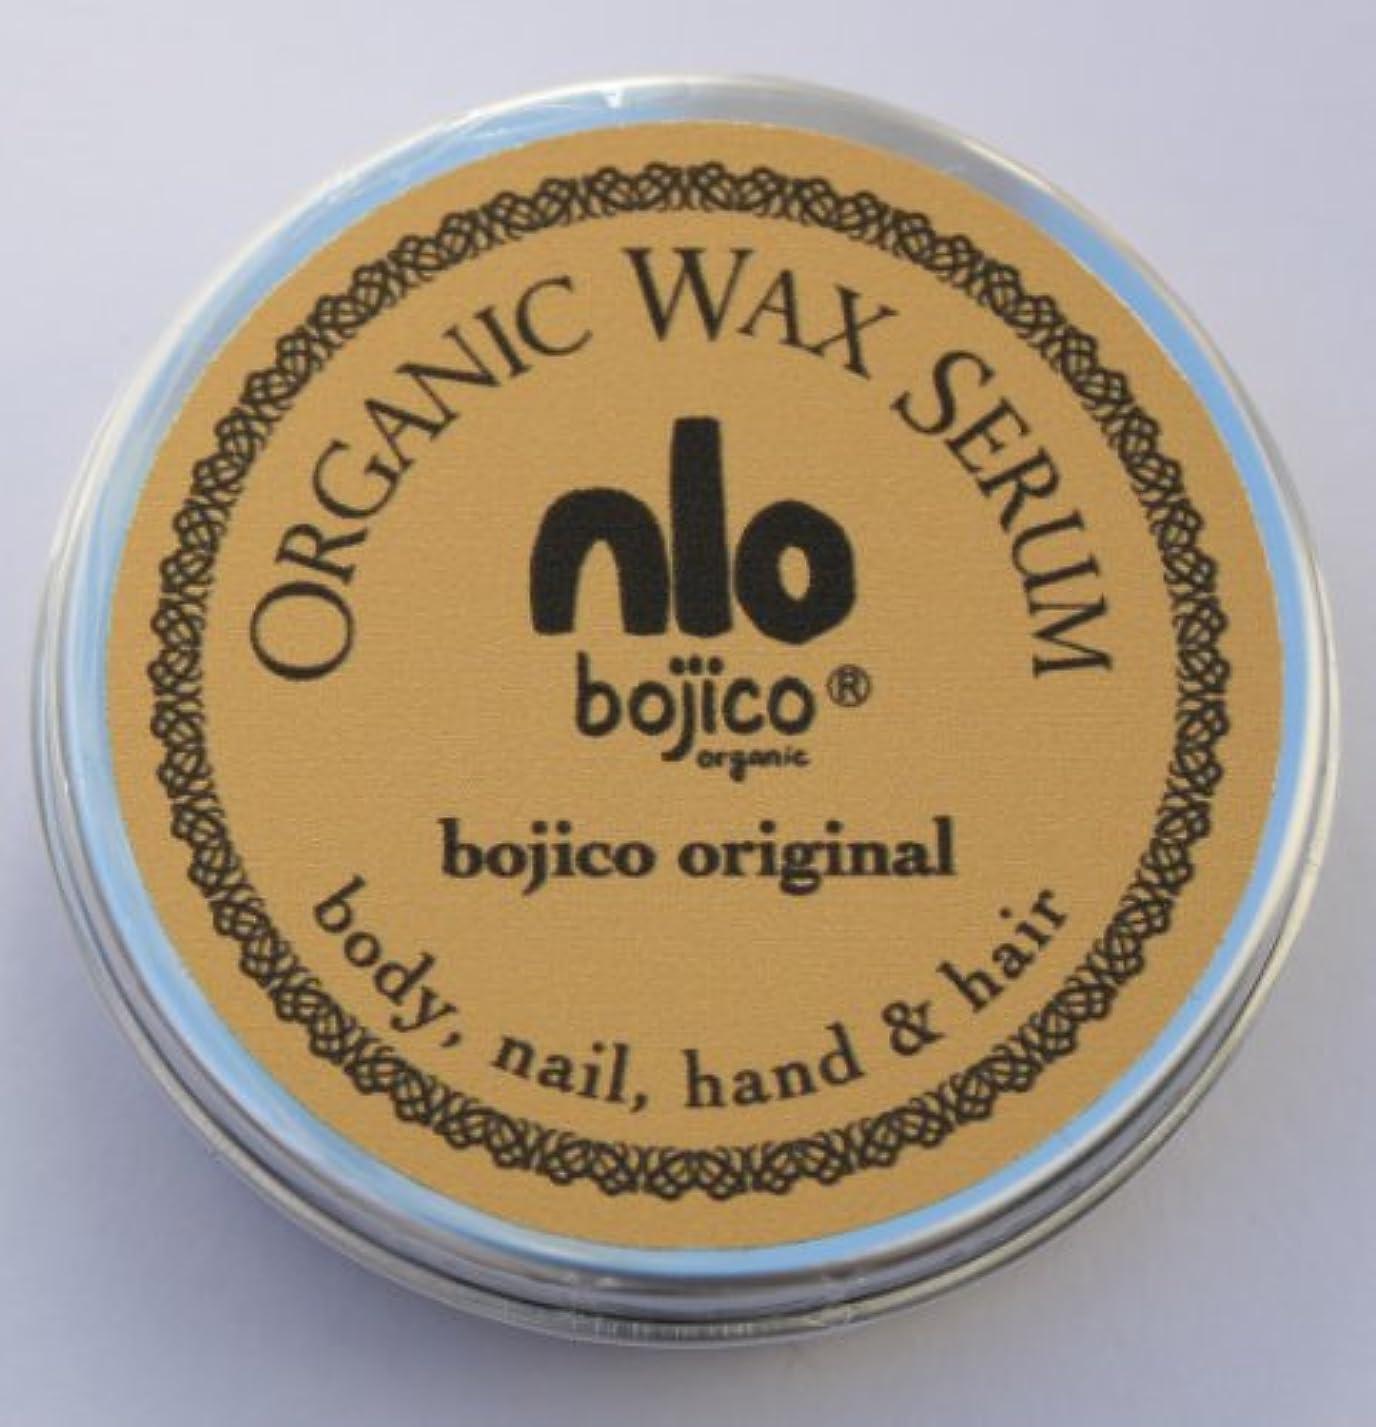 人ちらつきビュッフェbojico オーガニック ワックス セラム<オリジナル> Organic Wax Serum 40g